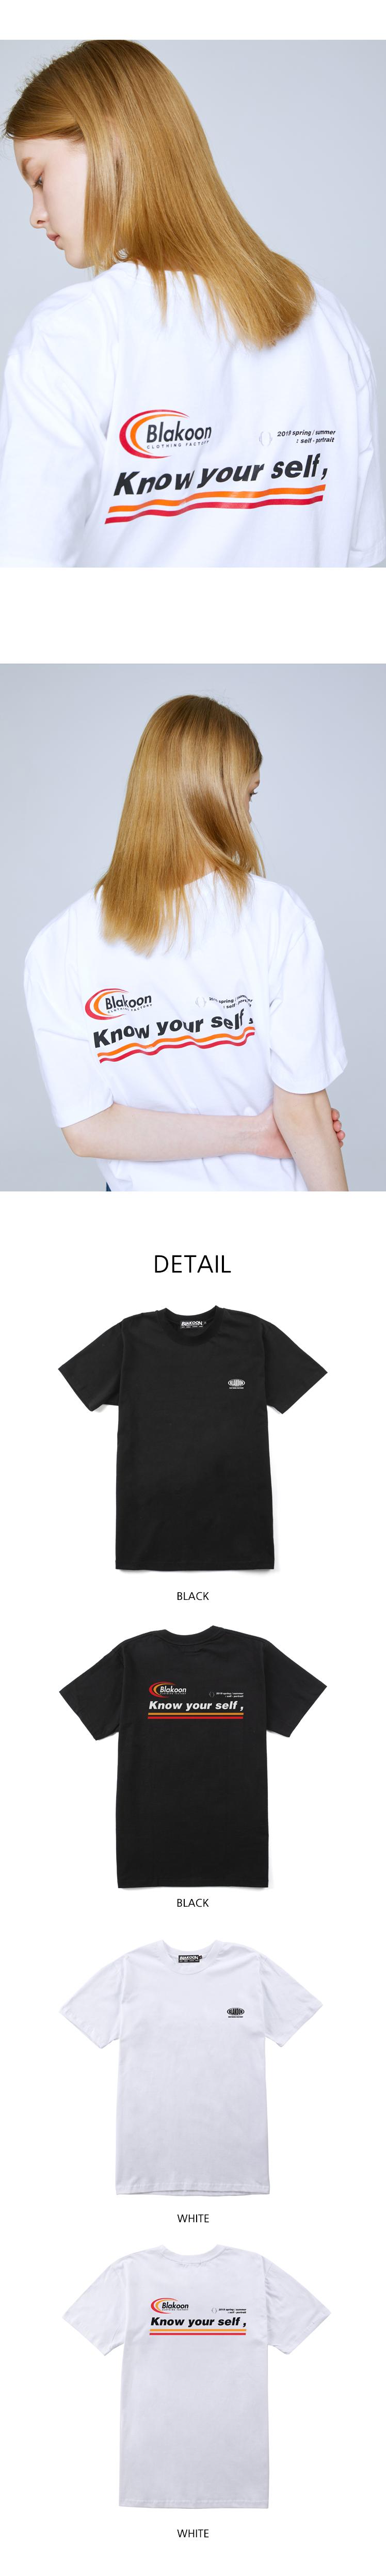 노우-유얼-셀프-티셔츠_03.jpg